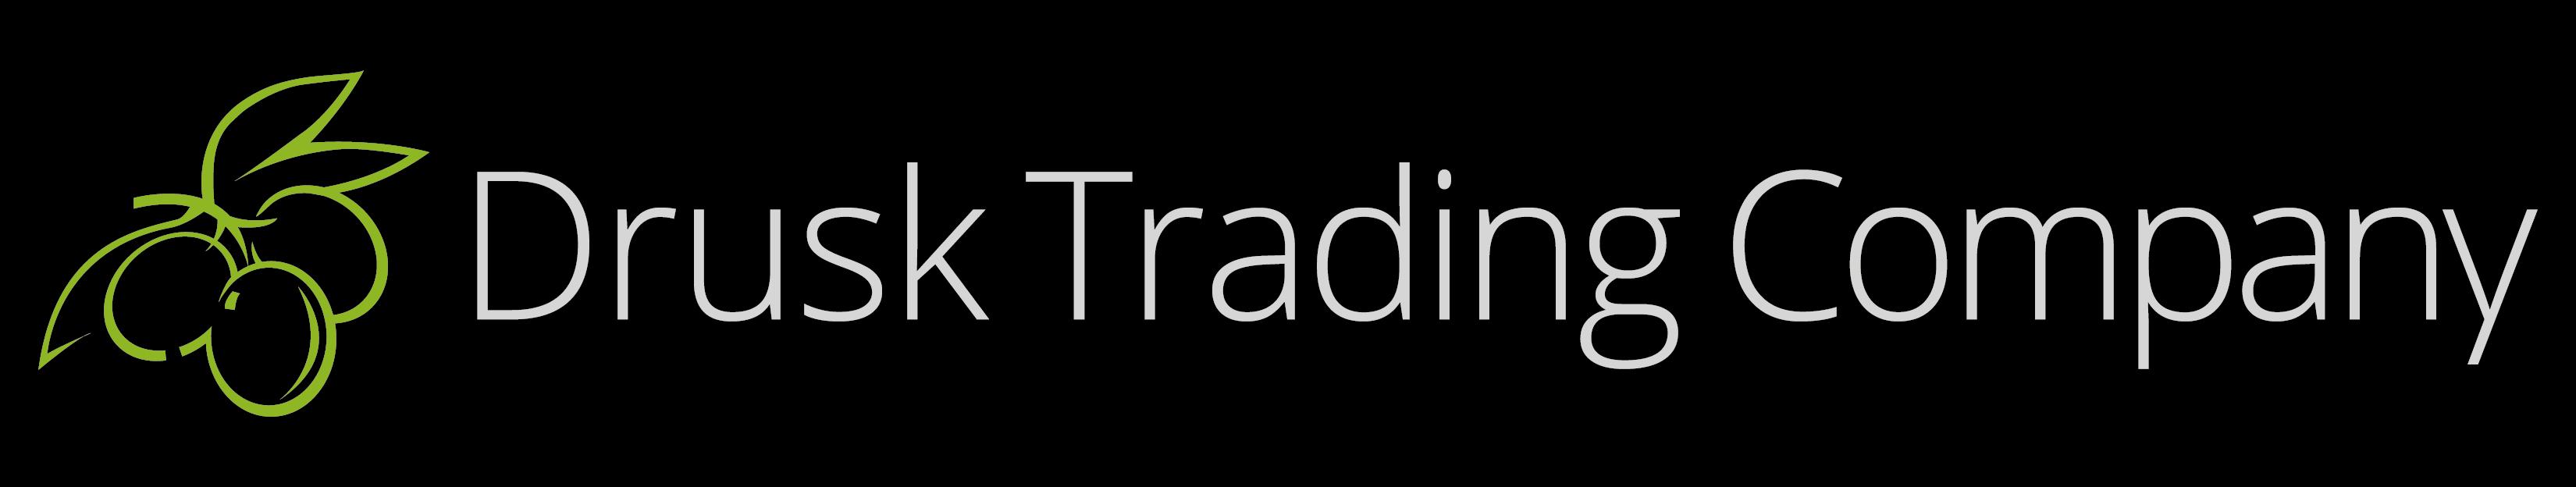 Drusk Trading Company